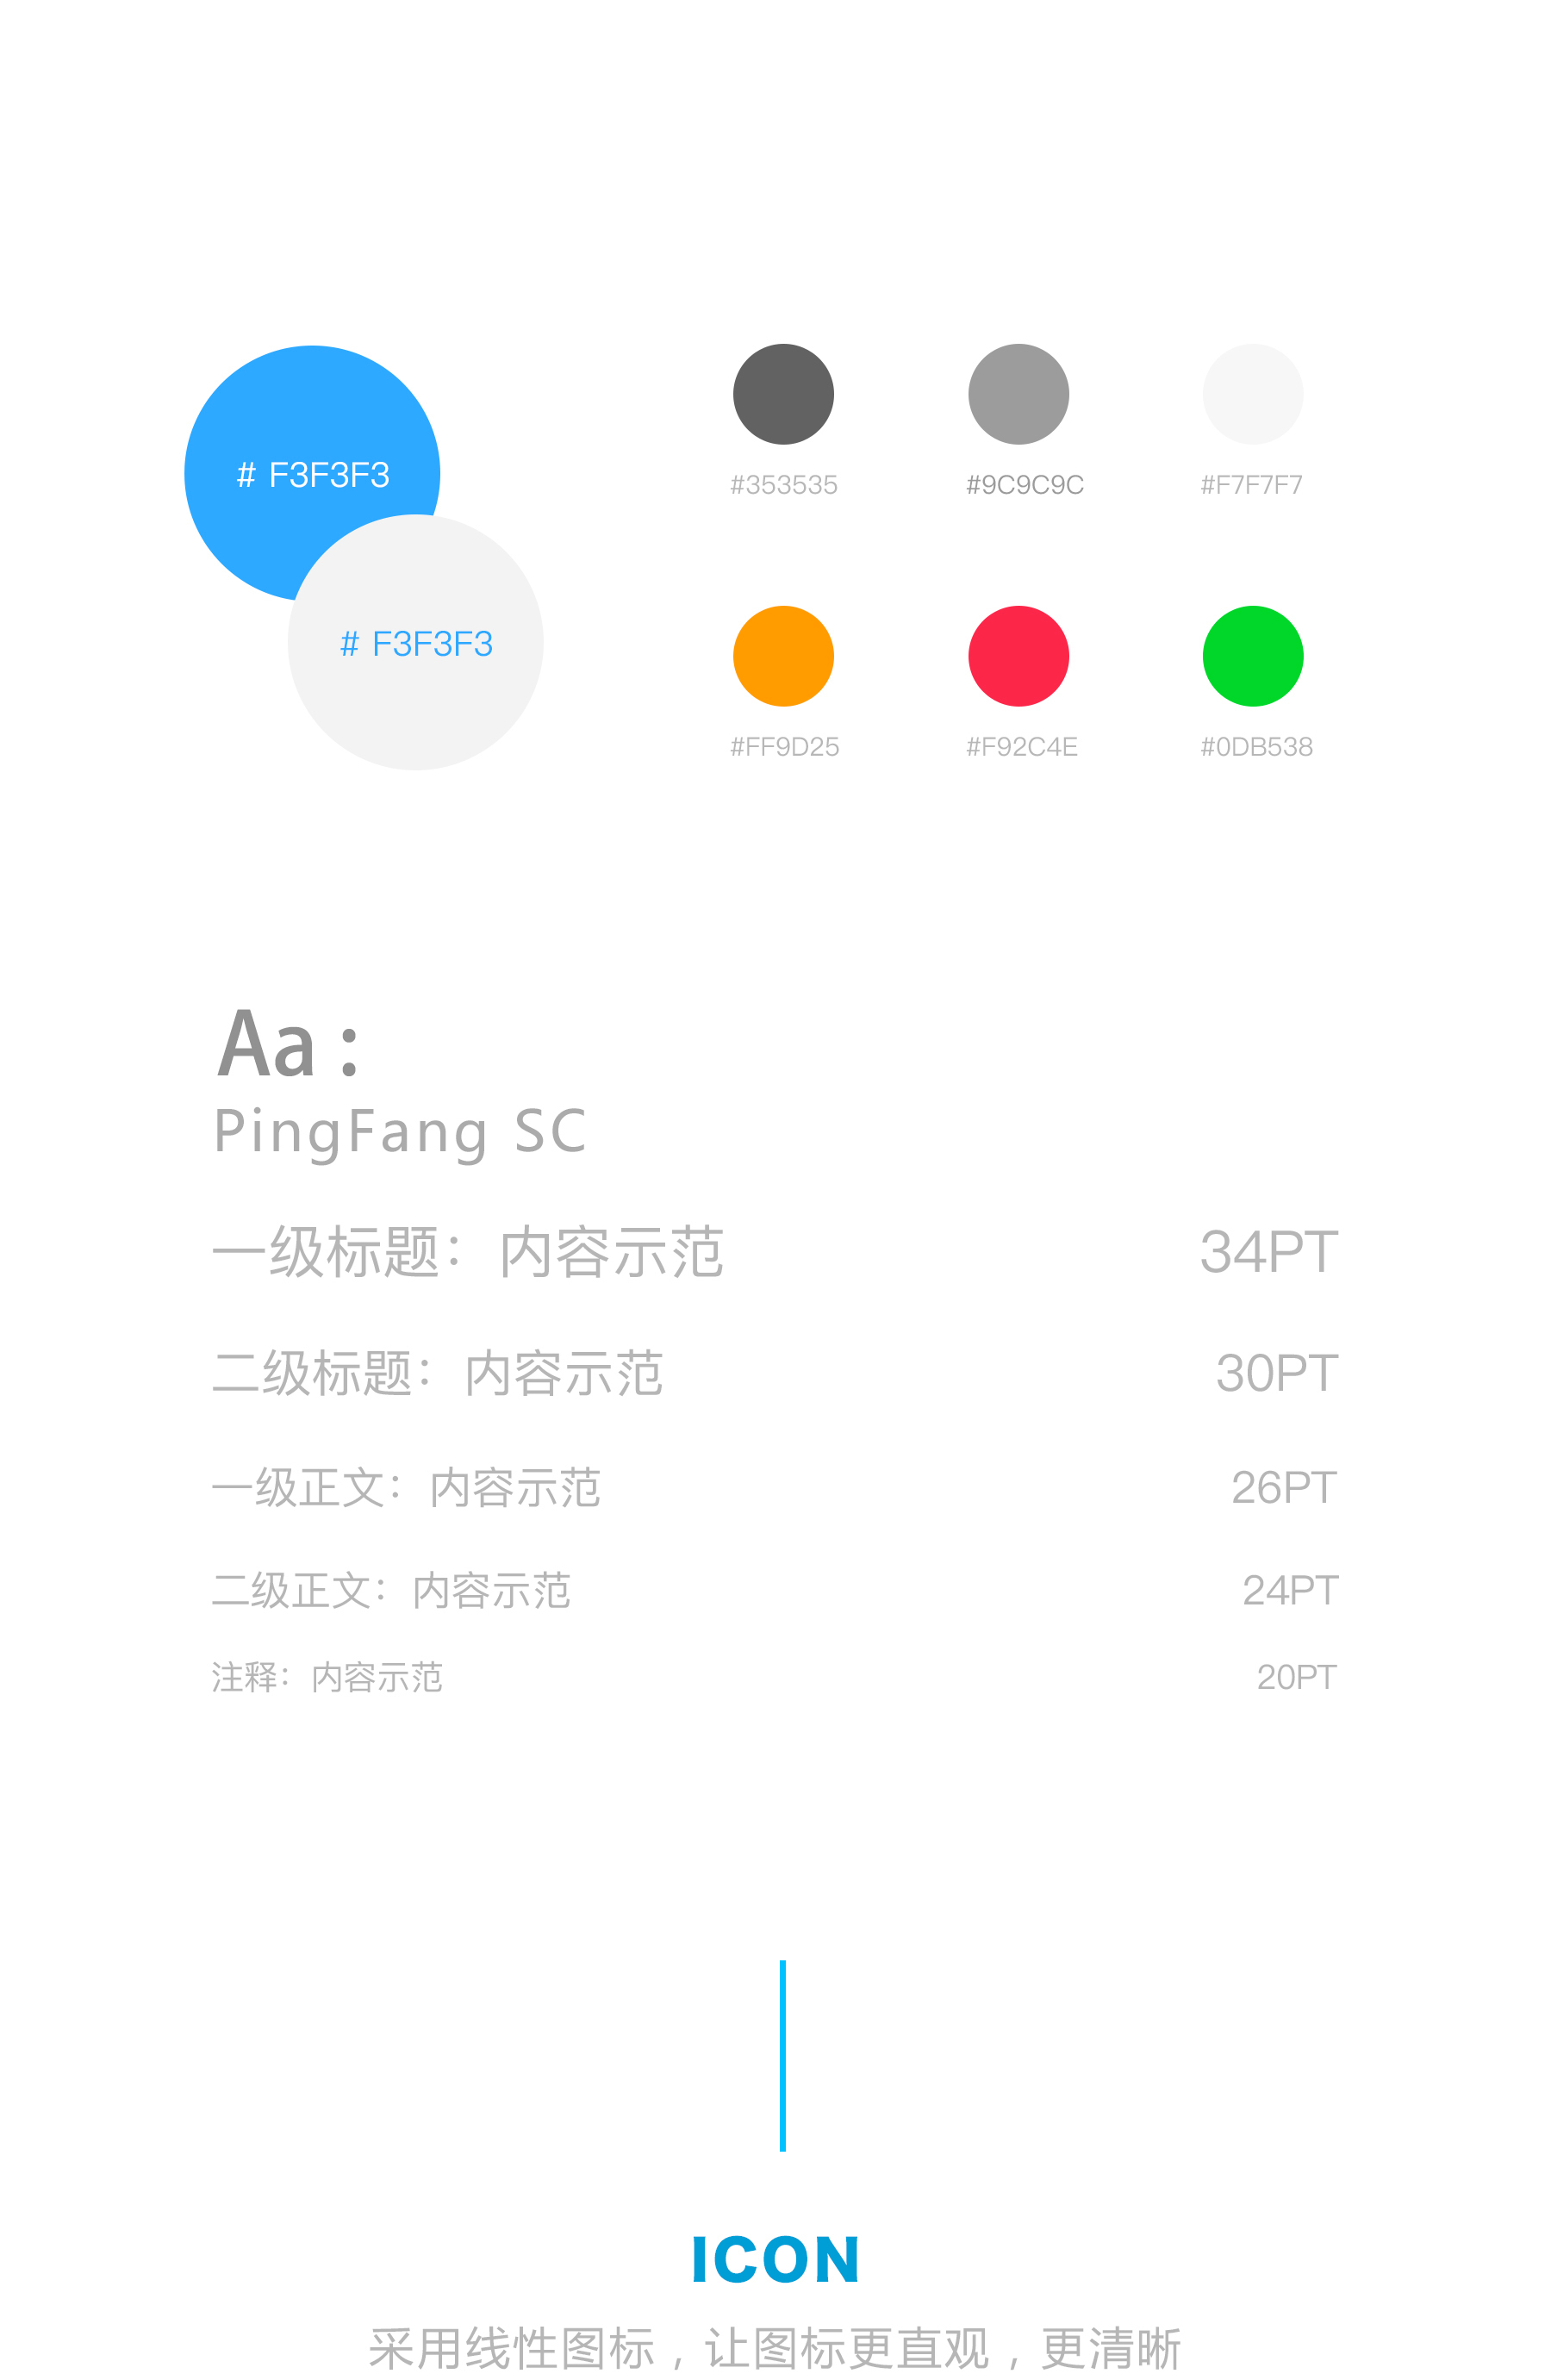 查看《JW|云捷报APP界面设计&设计规范》原图,原图尺寸:1800x2762